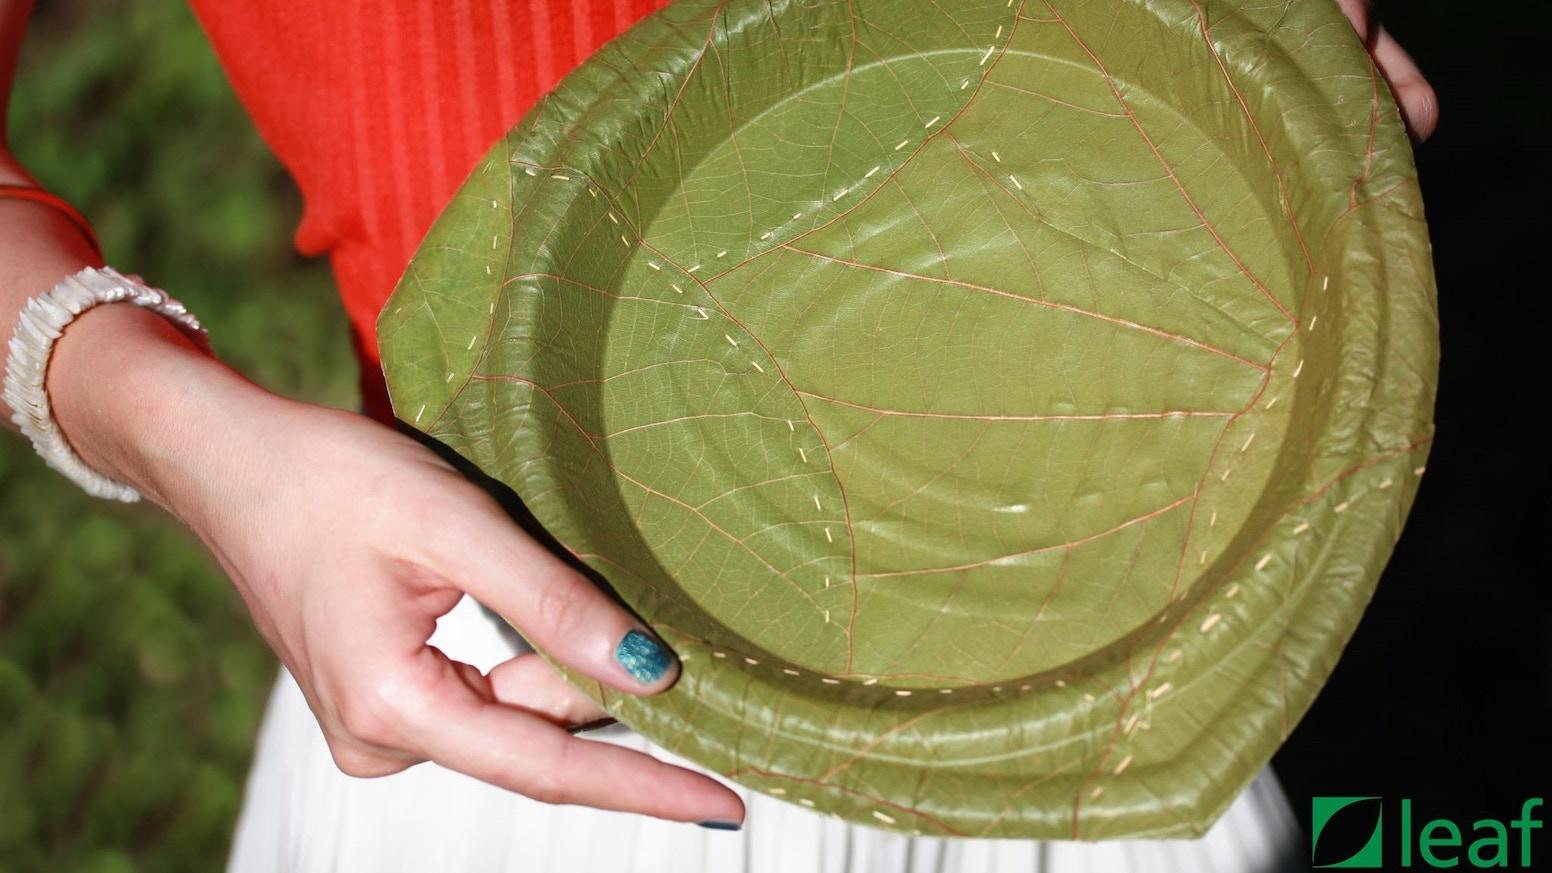 100% leaf one-way plates - flatrate offer by leaf republic